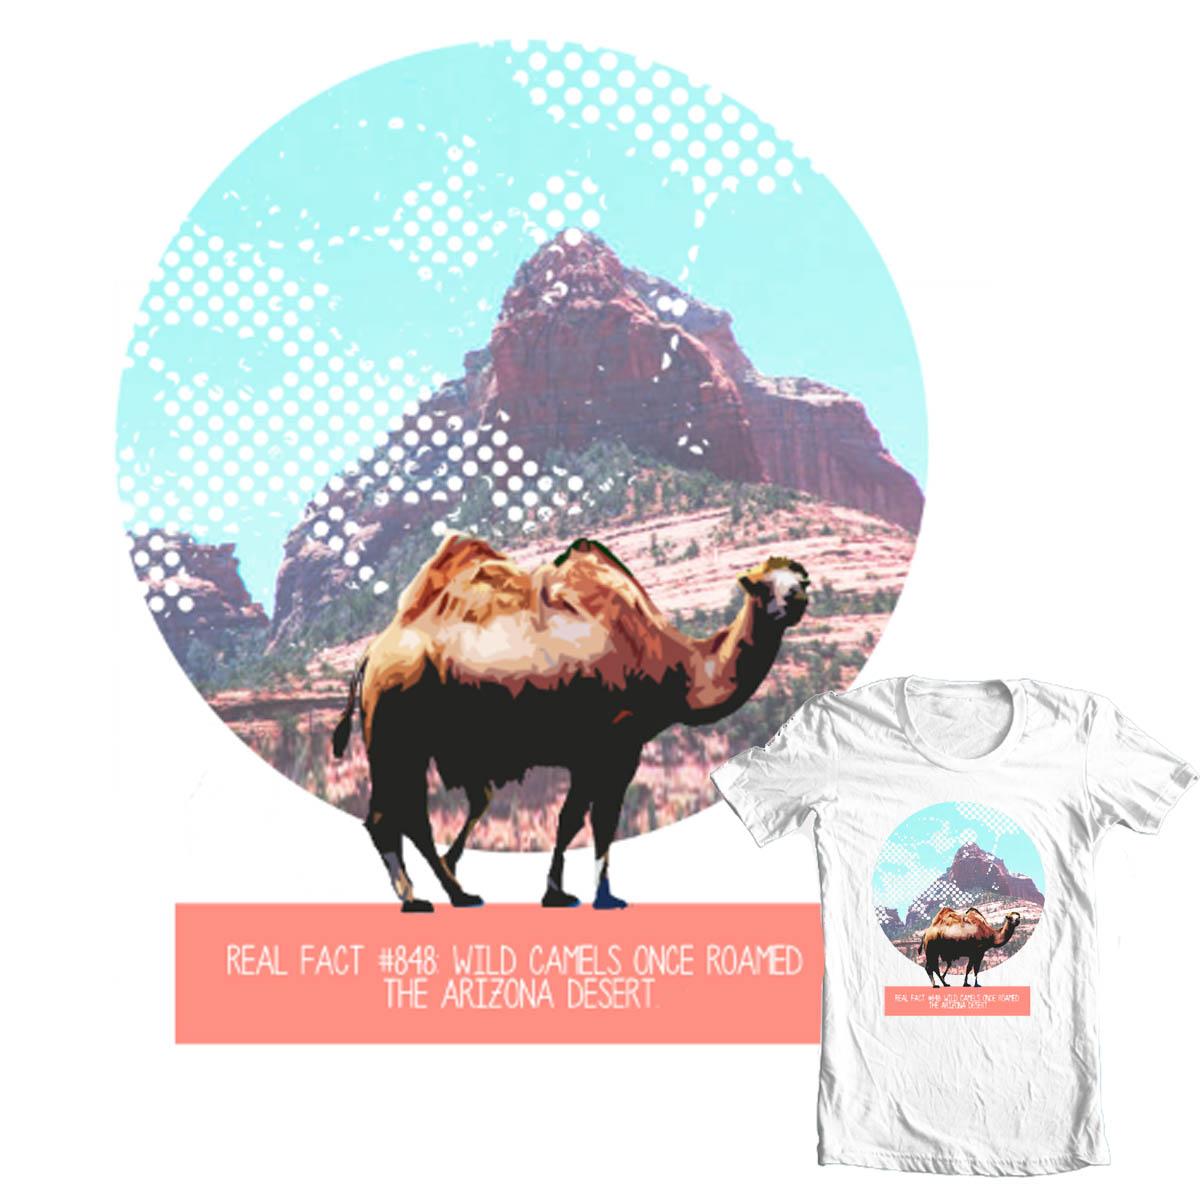 Arizona Camel by kershiz.no3 on Threadless